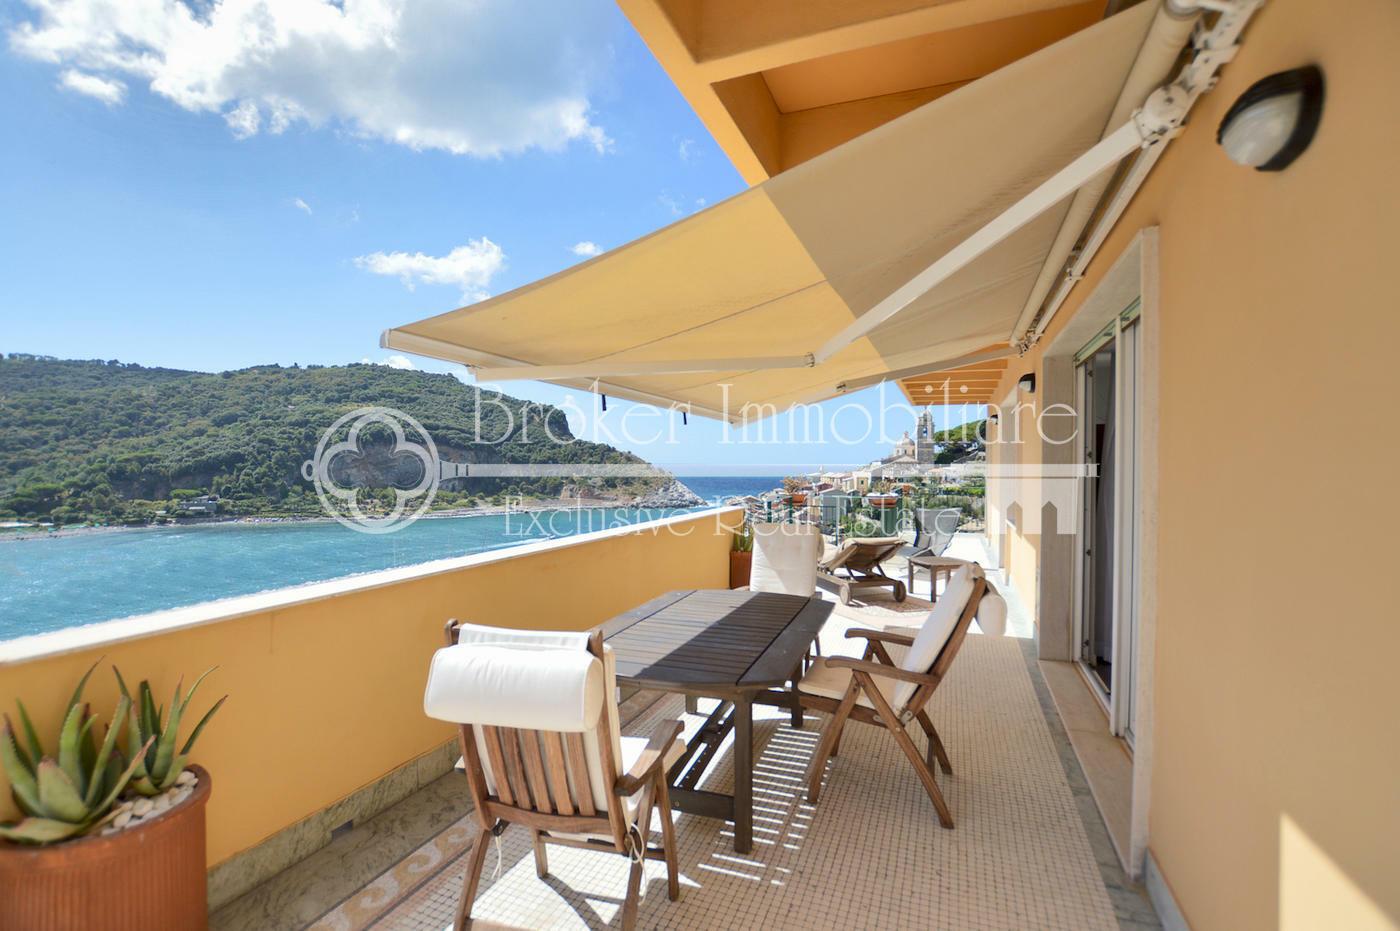 Prestigioso attico con terrazza vista mare in vendita a Portovenere